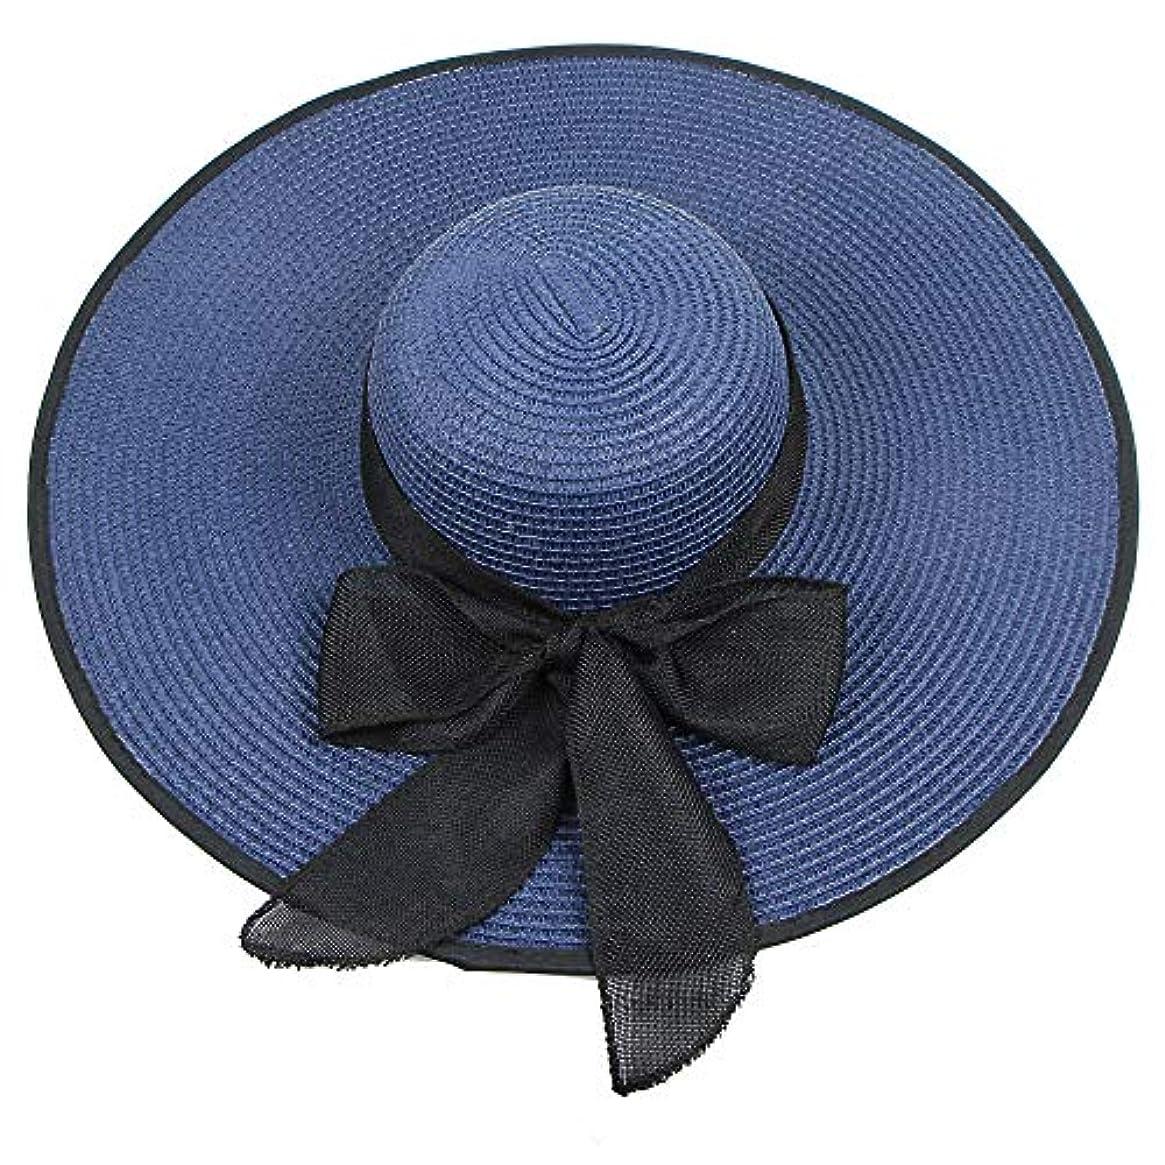 後継生態学古くなったUVカット 帽子 ハット レディース つば広 折りたたみ 持ち運び つば広 調節テープ 吸汗通気 紫外線対策 おしゃれ 可愛い ハット 旅行用 日よけ 夏季 女優帽 小顔効果抜群 花粉対策 小顔 UV対策 ROSE ROMAN